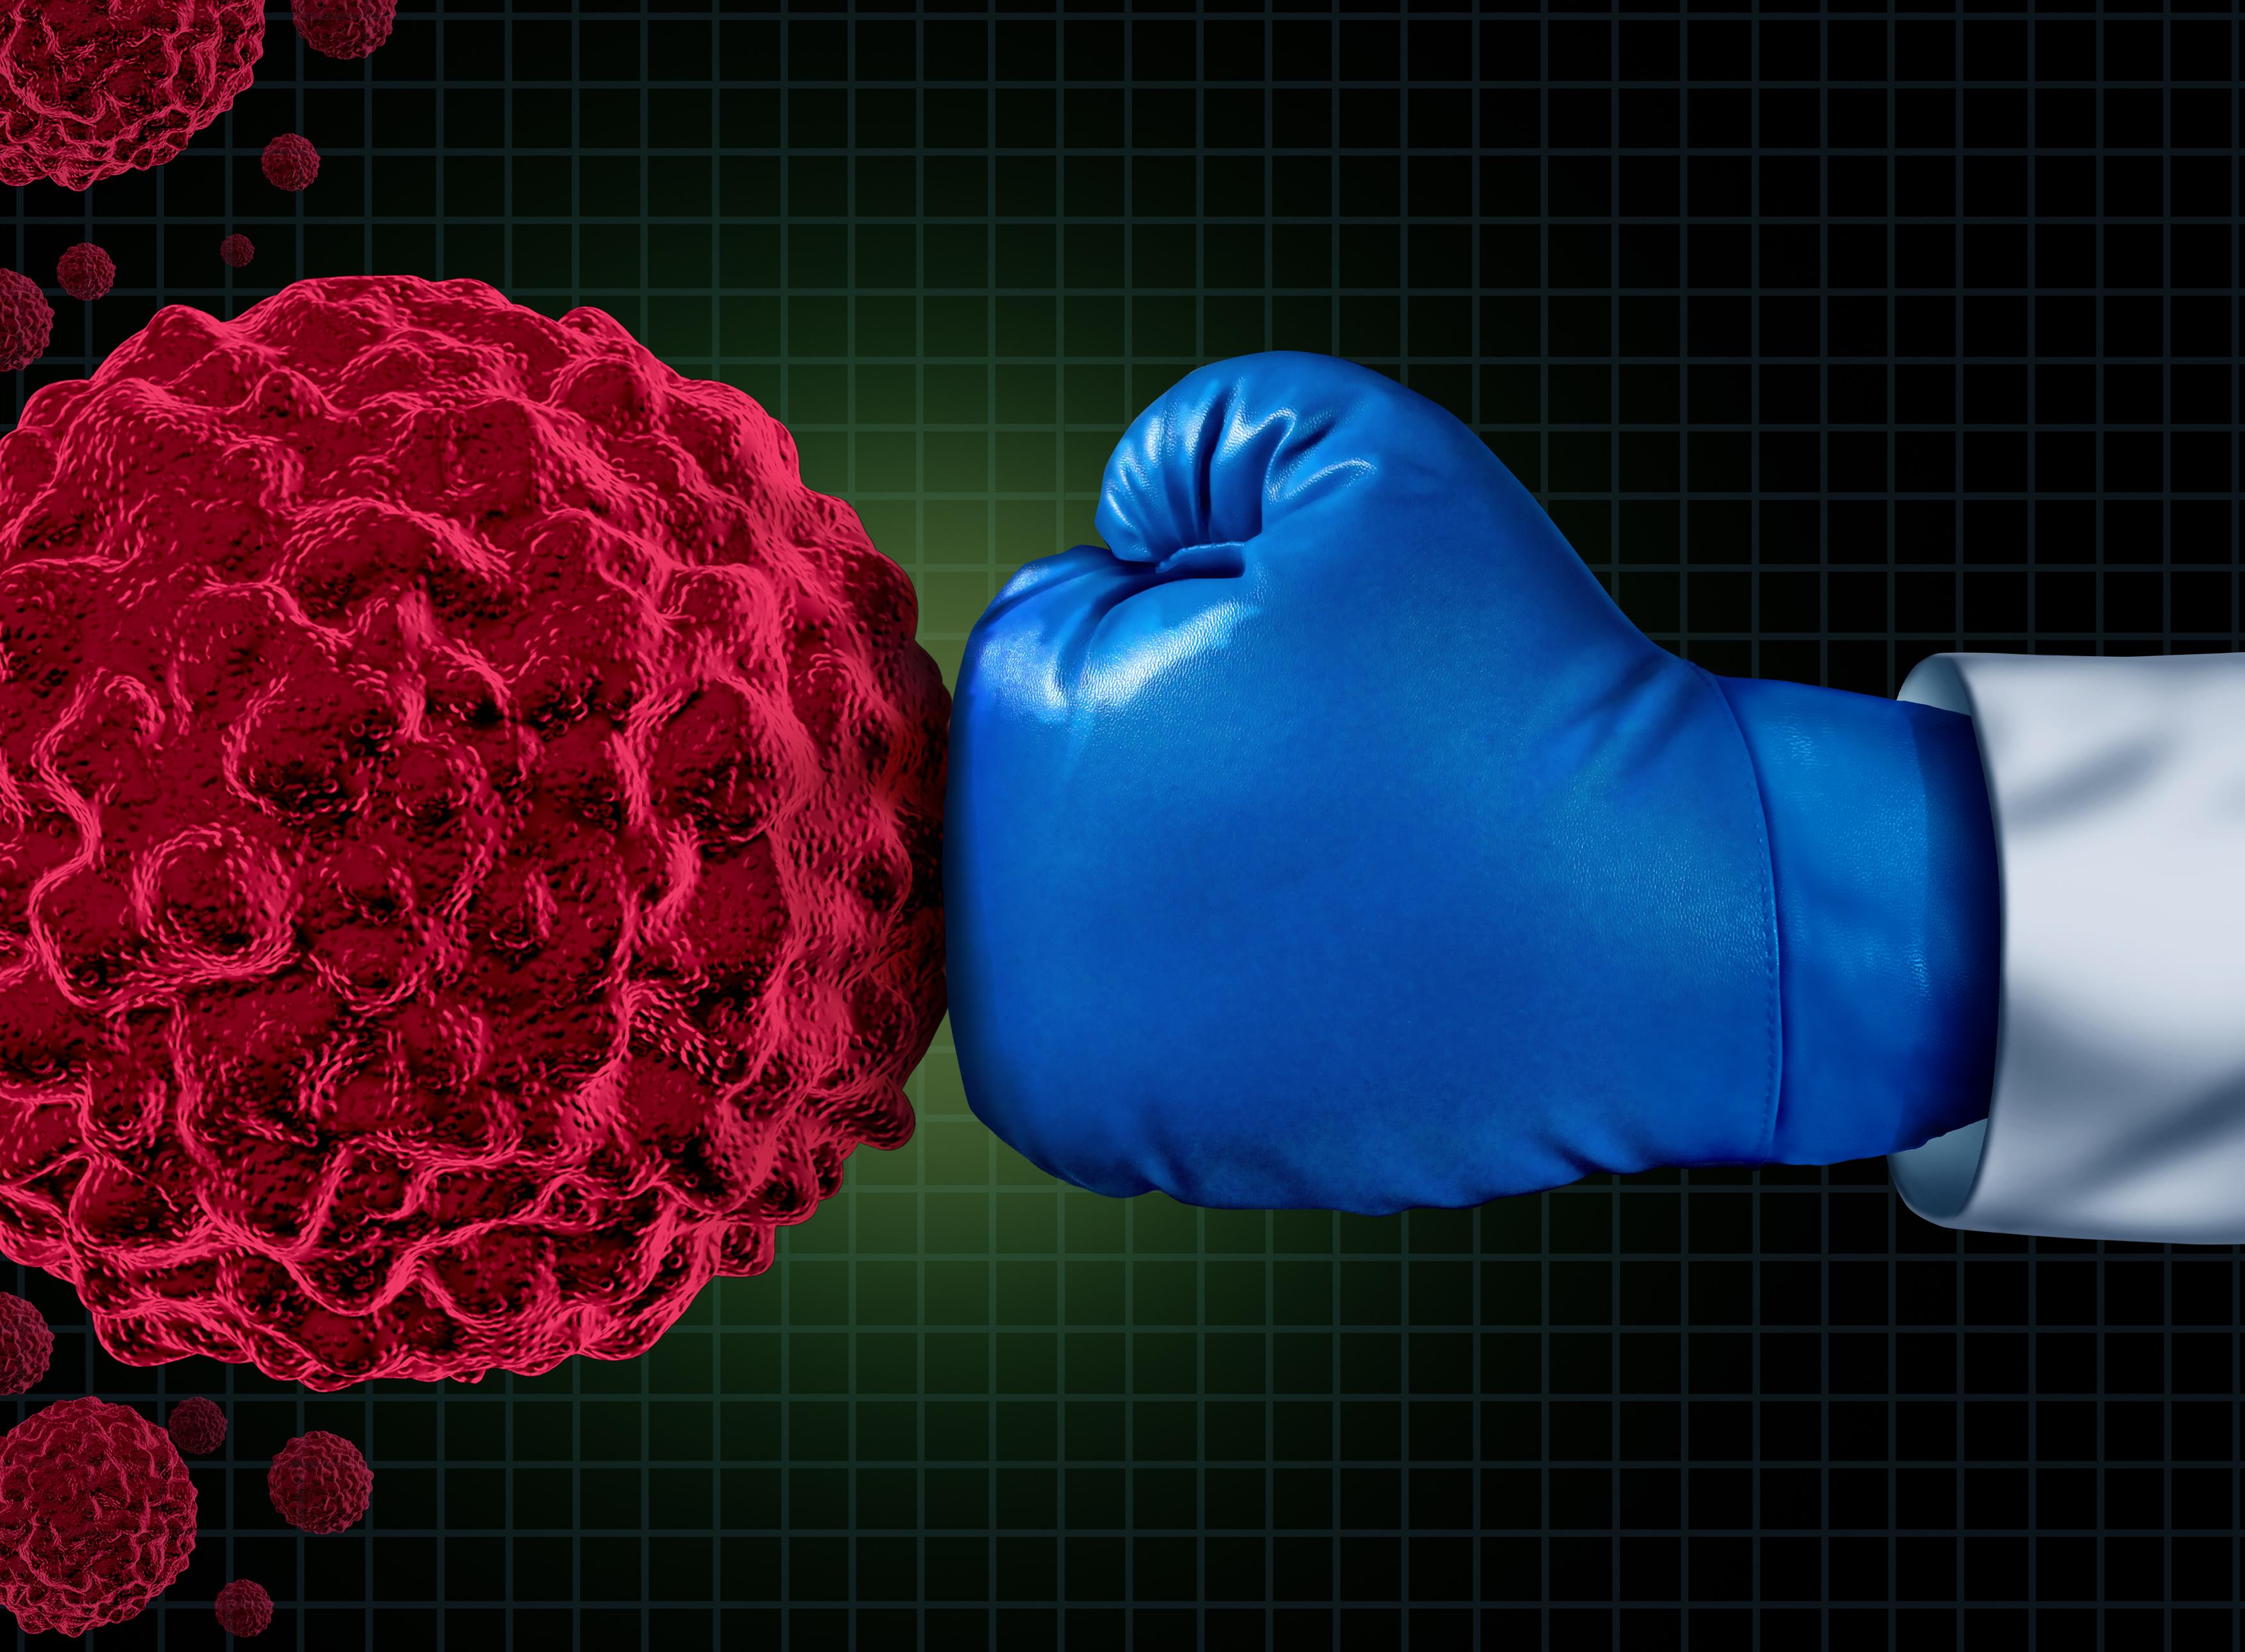 La médecine progresse une fois de plus dans la lutte contre le cancer via Depositphotos